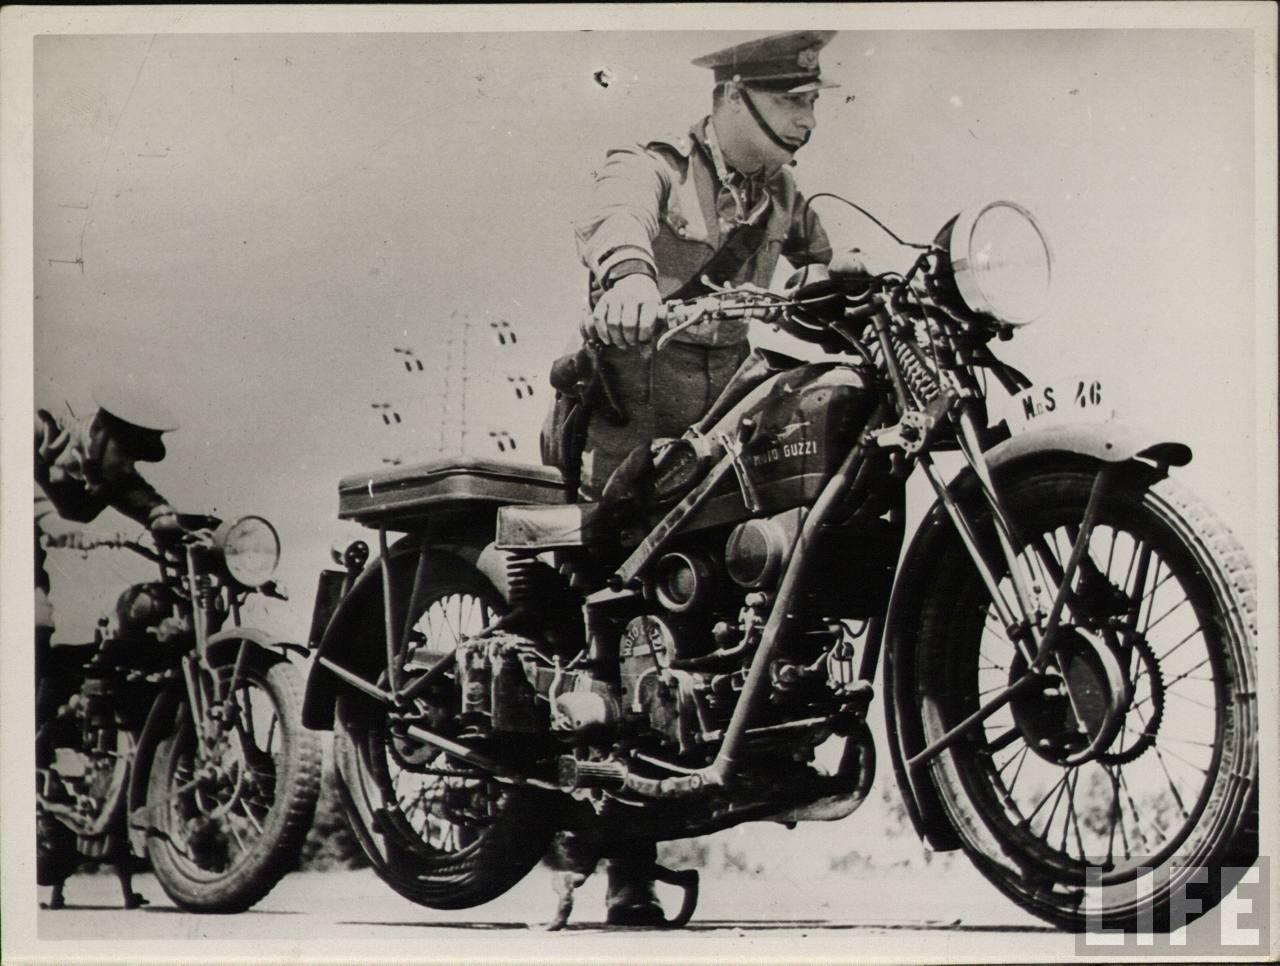 Moto Guzzi Superalce in military use. (Picture courtesy Life and militariforum.com).